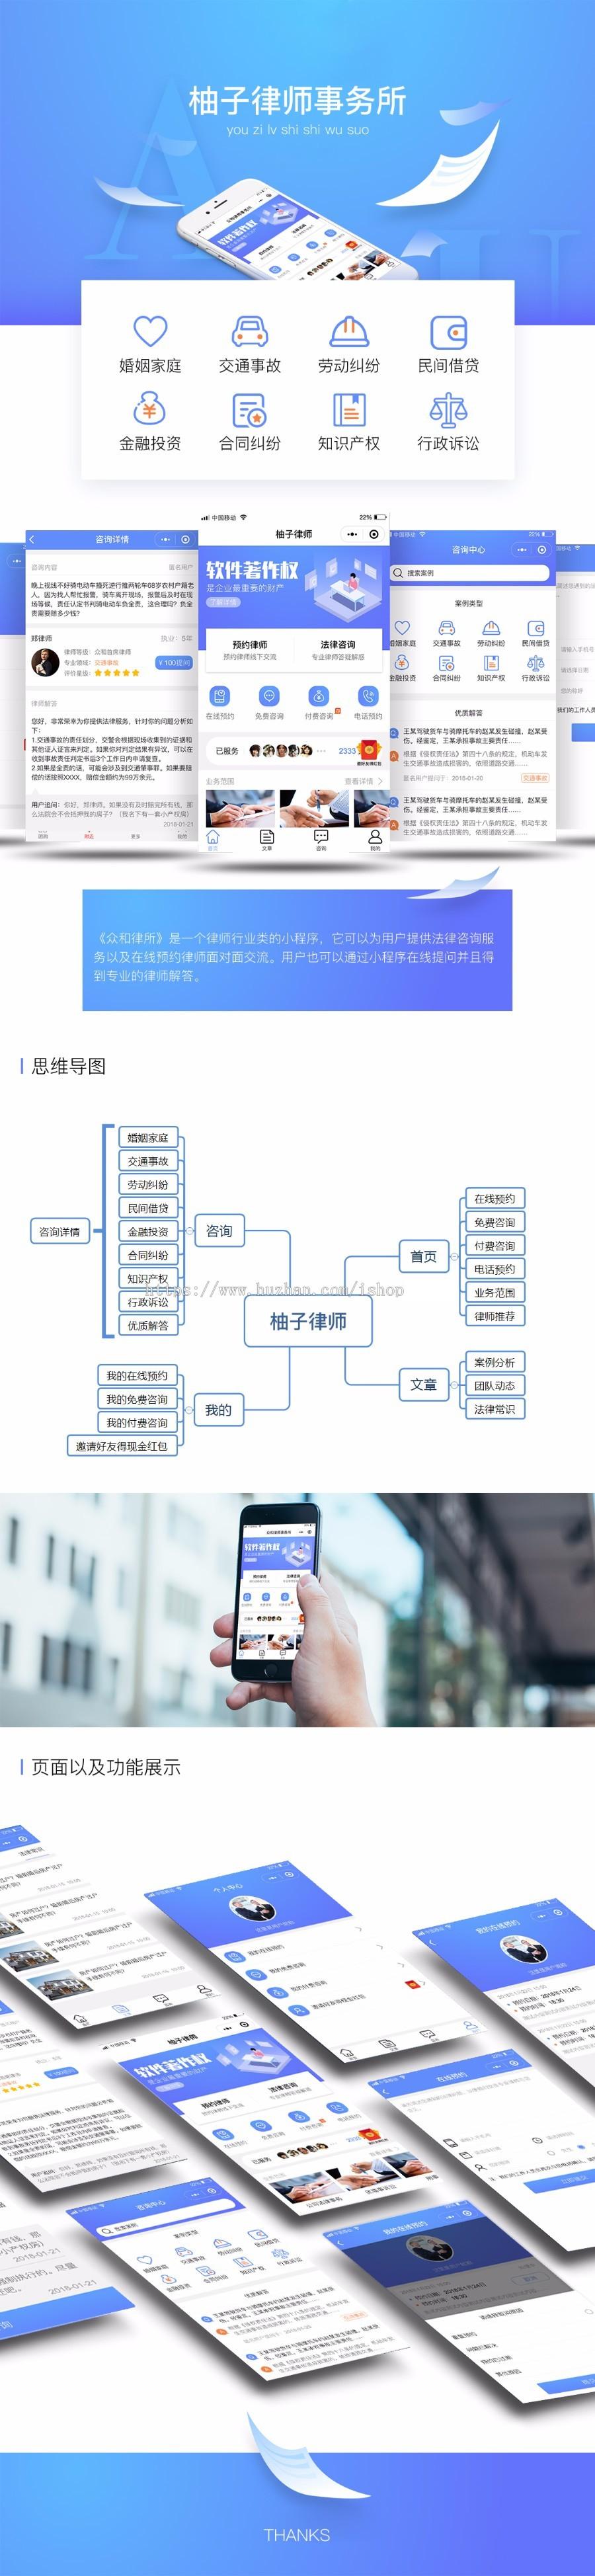 柚子律师V1.7.0 小程序前端+后端-52资源网